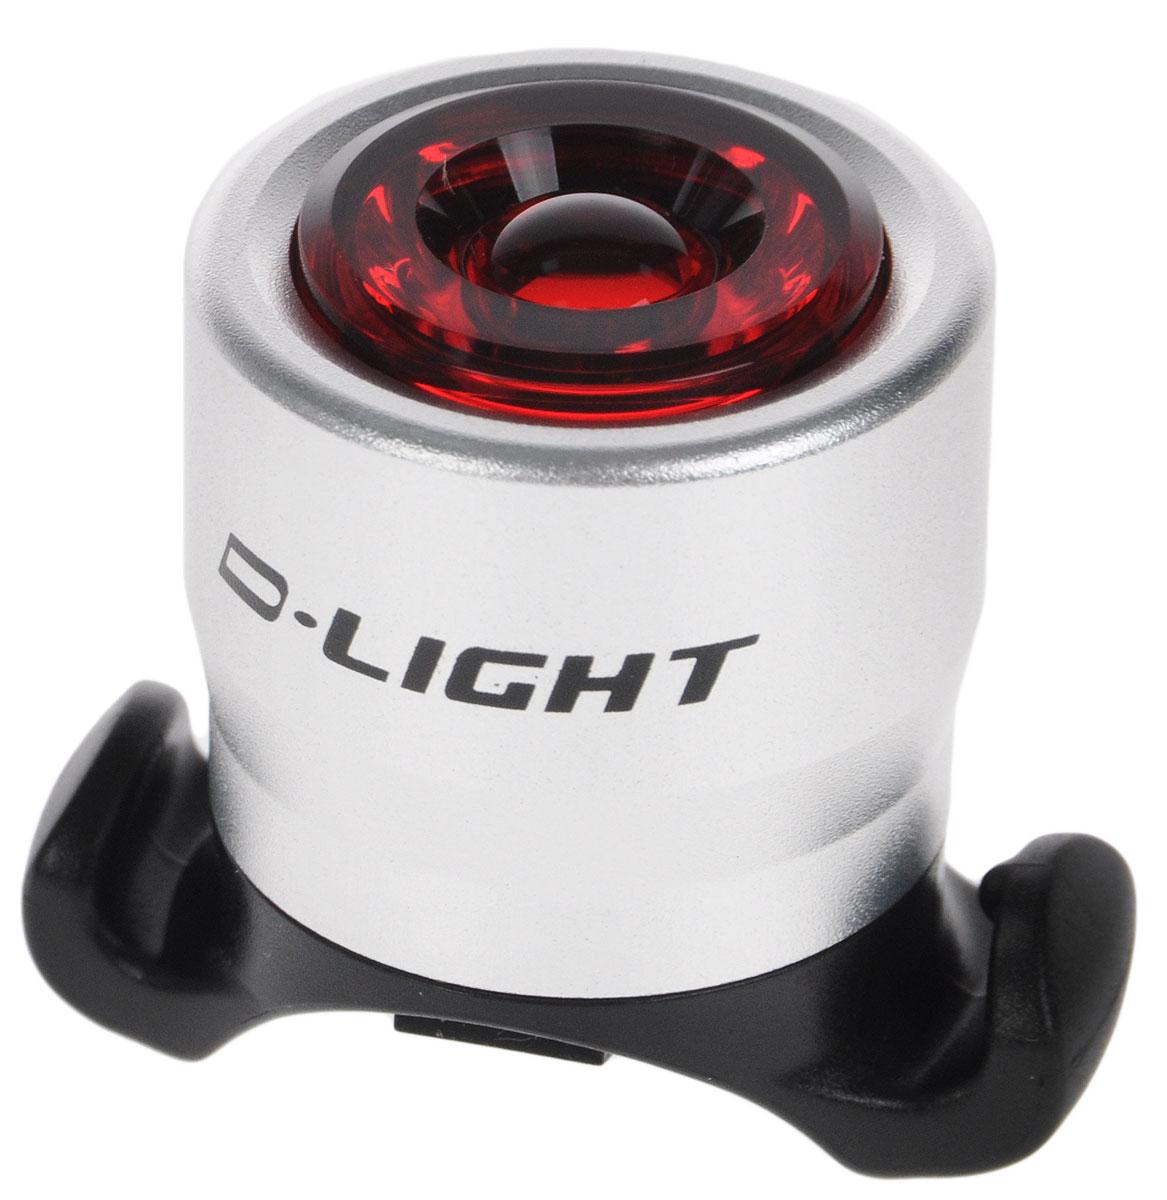 Фонарь велосипедный D-Light CG-212R, габаритный, передний, цвет: серебристый, красный, черныйMW-1462-01-SR серебристыйПередний габаритный велофонарь D-Light CG-212R предназначен для обеспечения большей безопасности при поездках в темное время суток. Он легко крепится и снимается без дополнительных инструментов. Корпус изделия выполнен из прочного алюминия. Фонарь имеет 2 режима: мигание и постоянное свечение. Он водонепроницаем, имеет один SMD красный светодиод.Фонарь питается от 2 батарей типа CR2032 (входят в комплект).Время свечения: 60 ч.Время мигания: 120 ч.Диаметр фонаря: 2,7 см.Высота фонаря: 3,5 см.